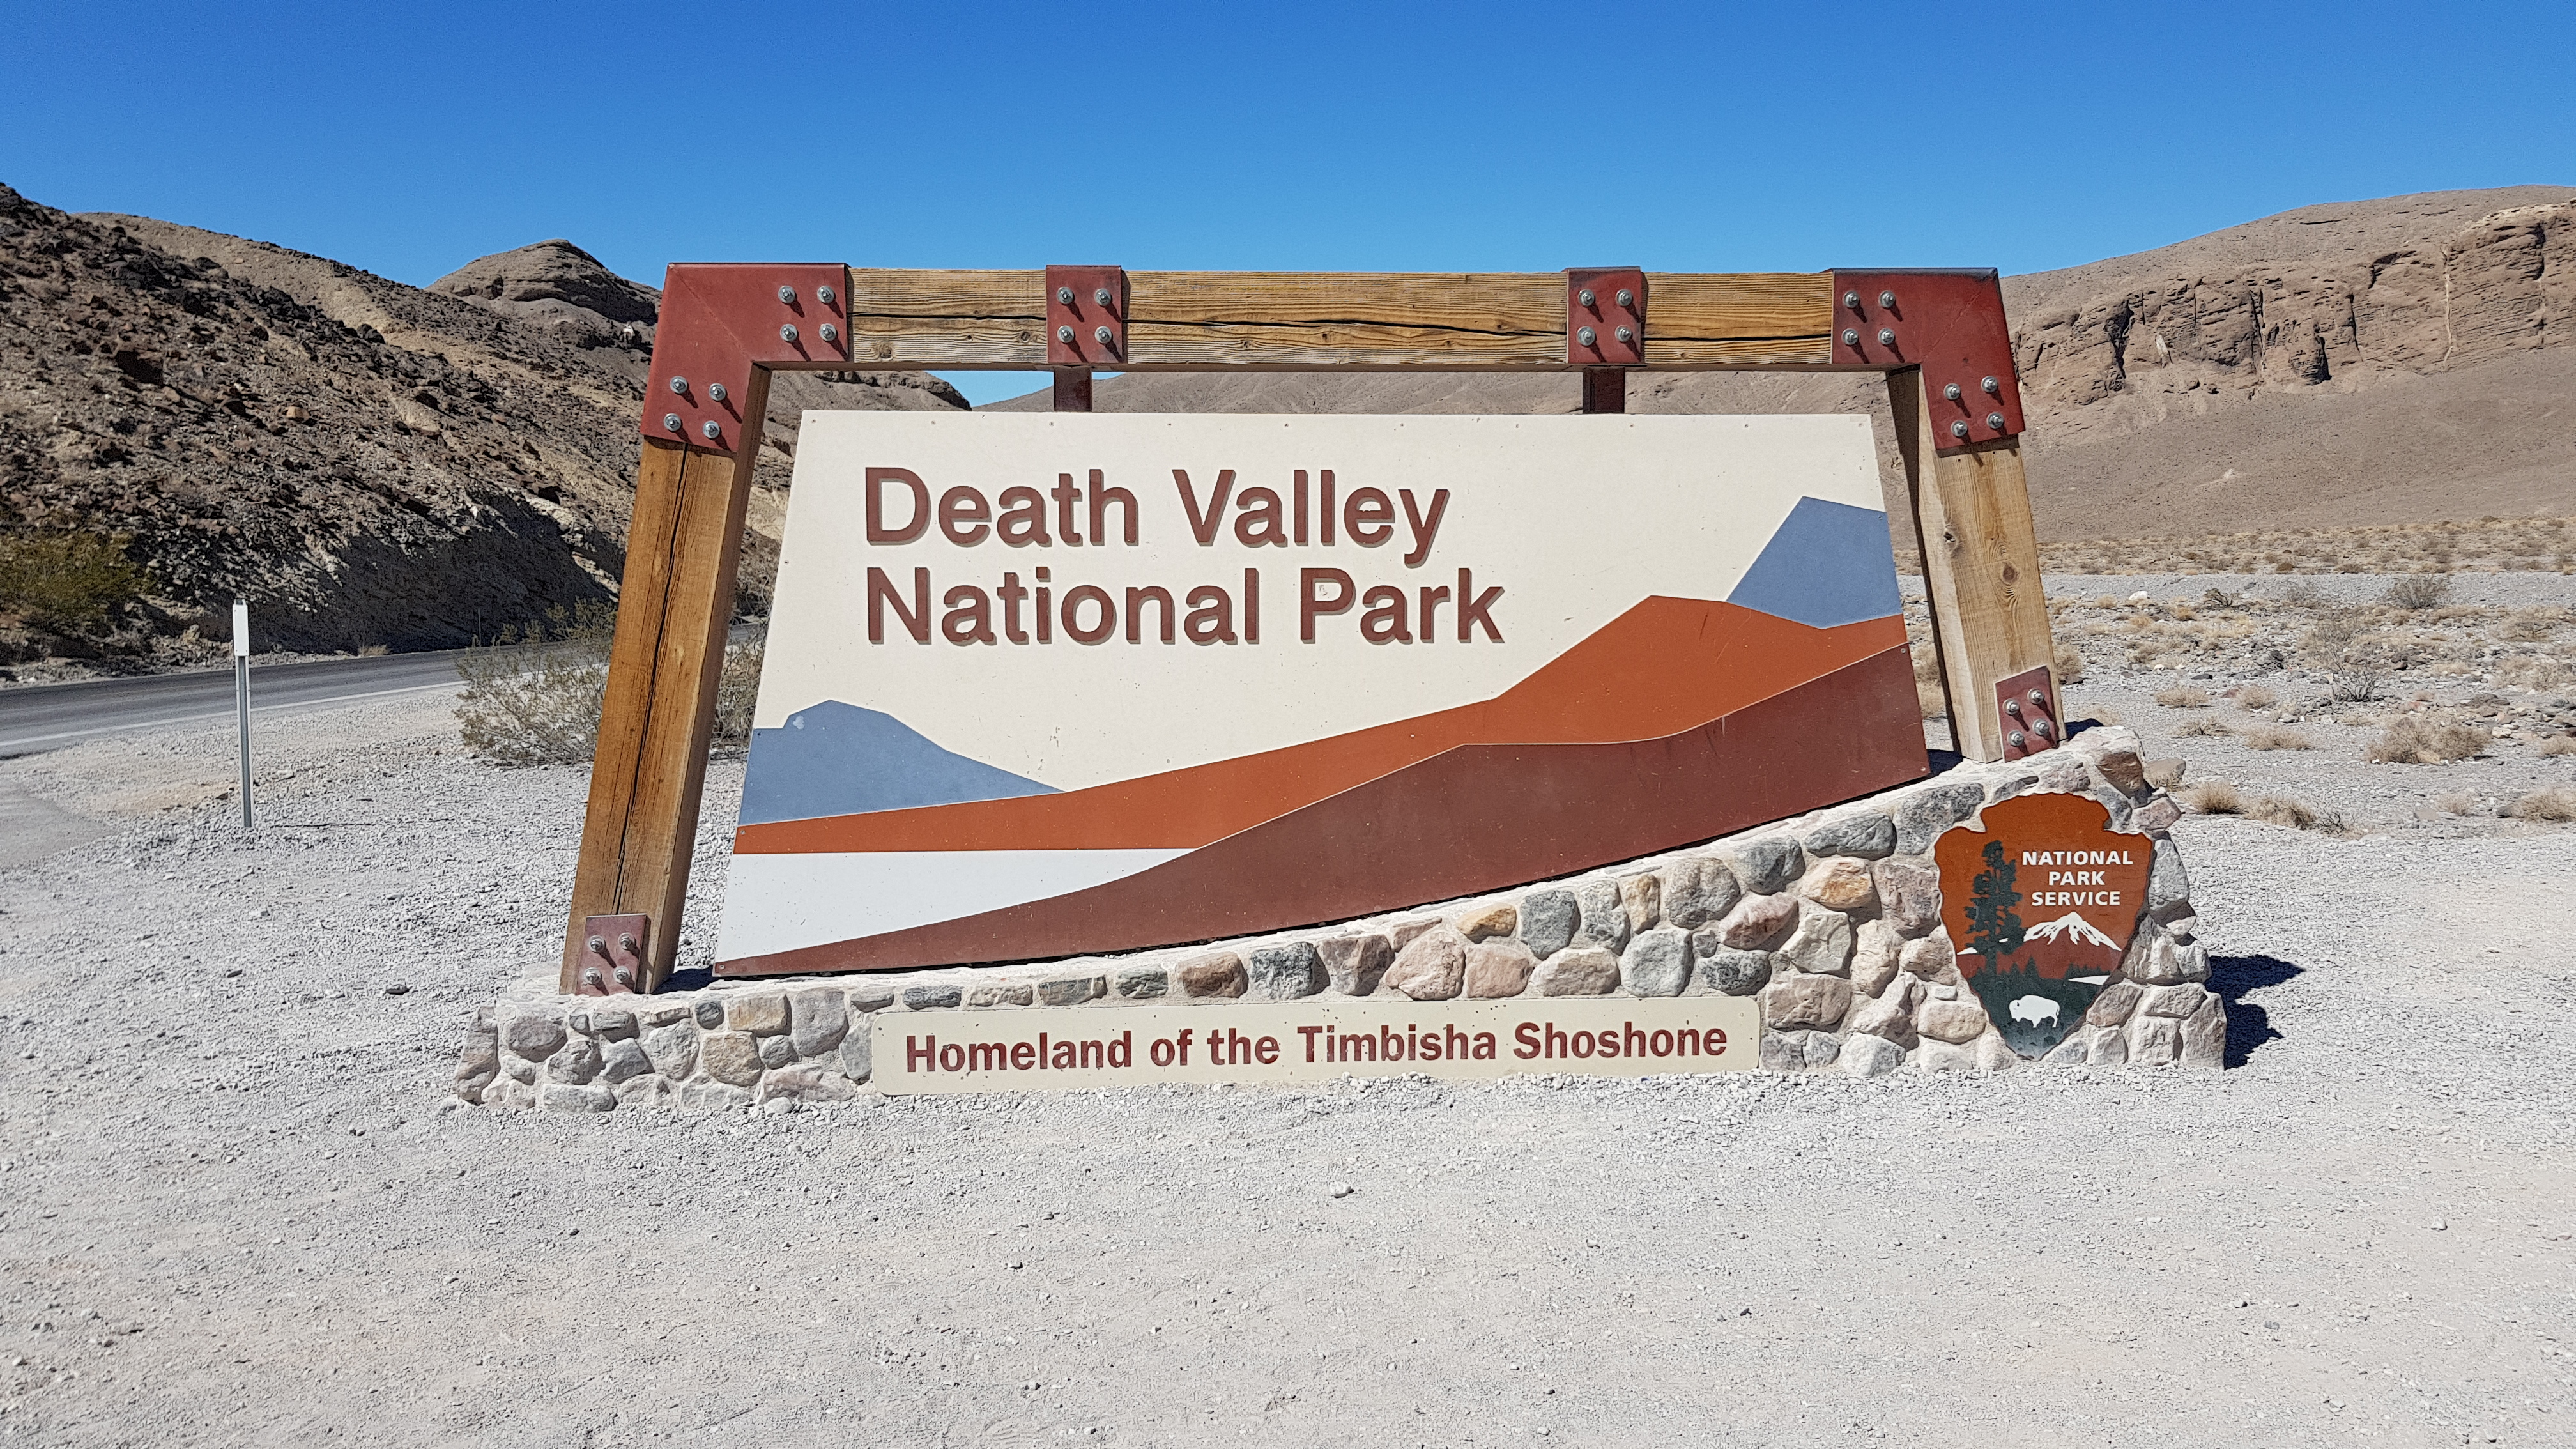 ETATS-UNIS – Côte ouest – Jour 18/22 – Death Valley ou la Vallée de la mort  – Bulles de voyages